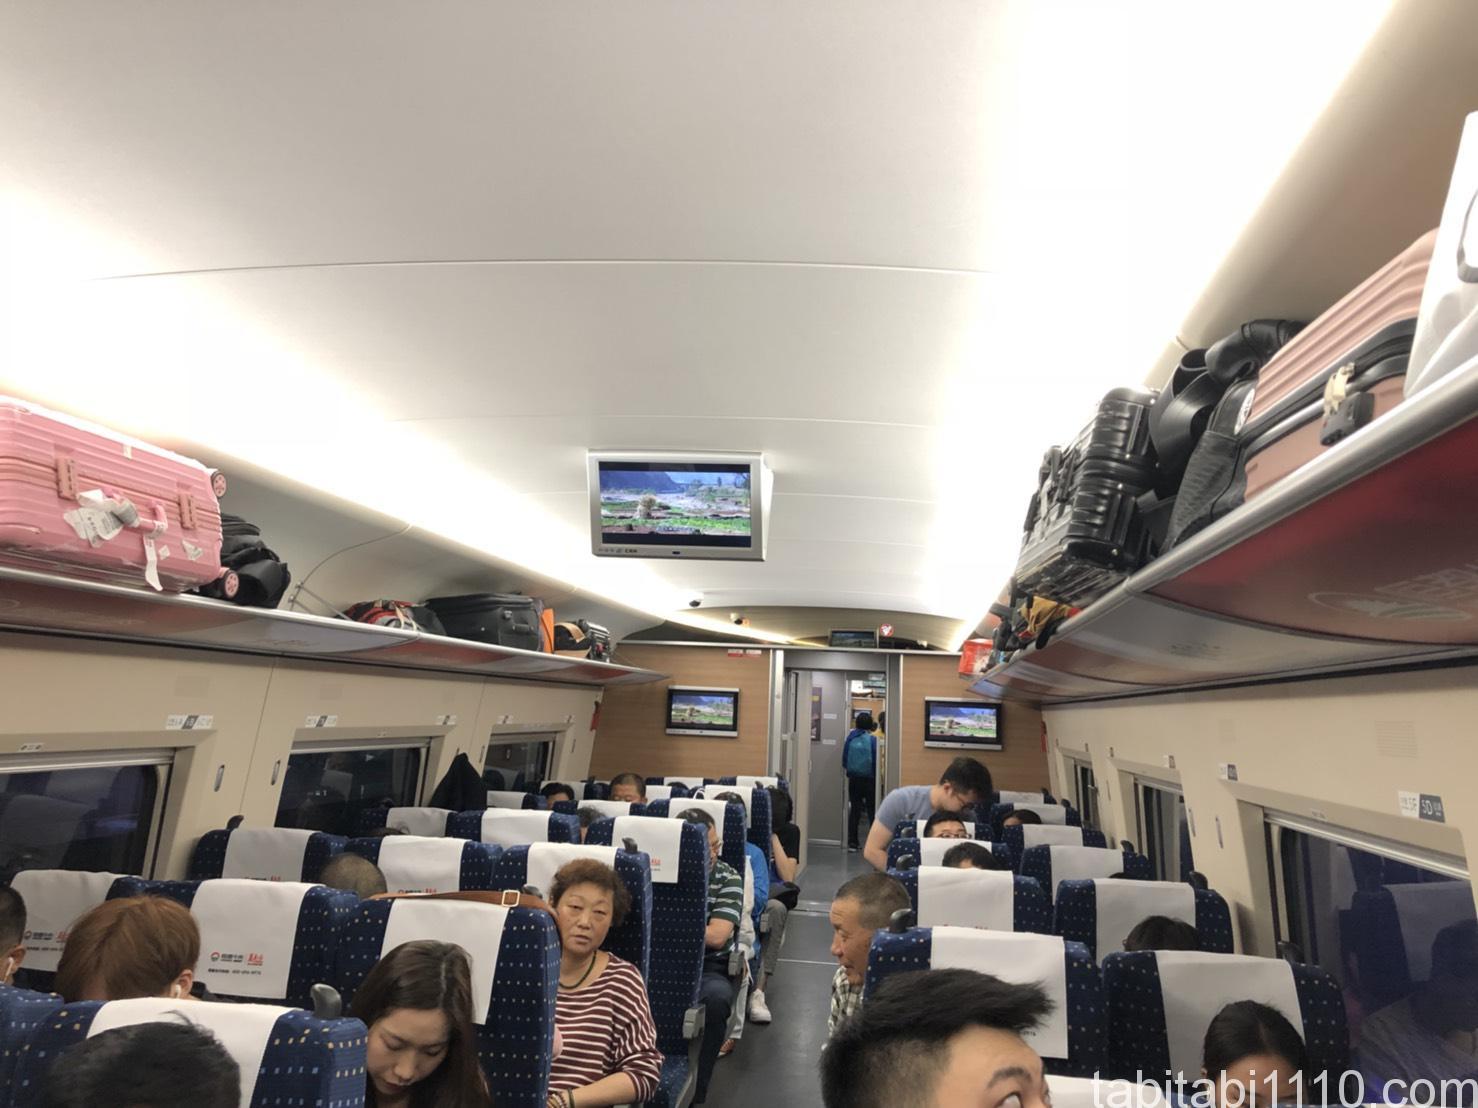 成都から西安|成都東から西安北への高速鉄道の車内